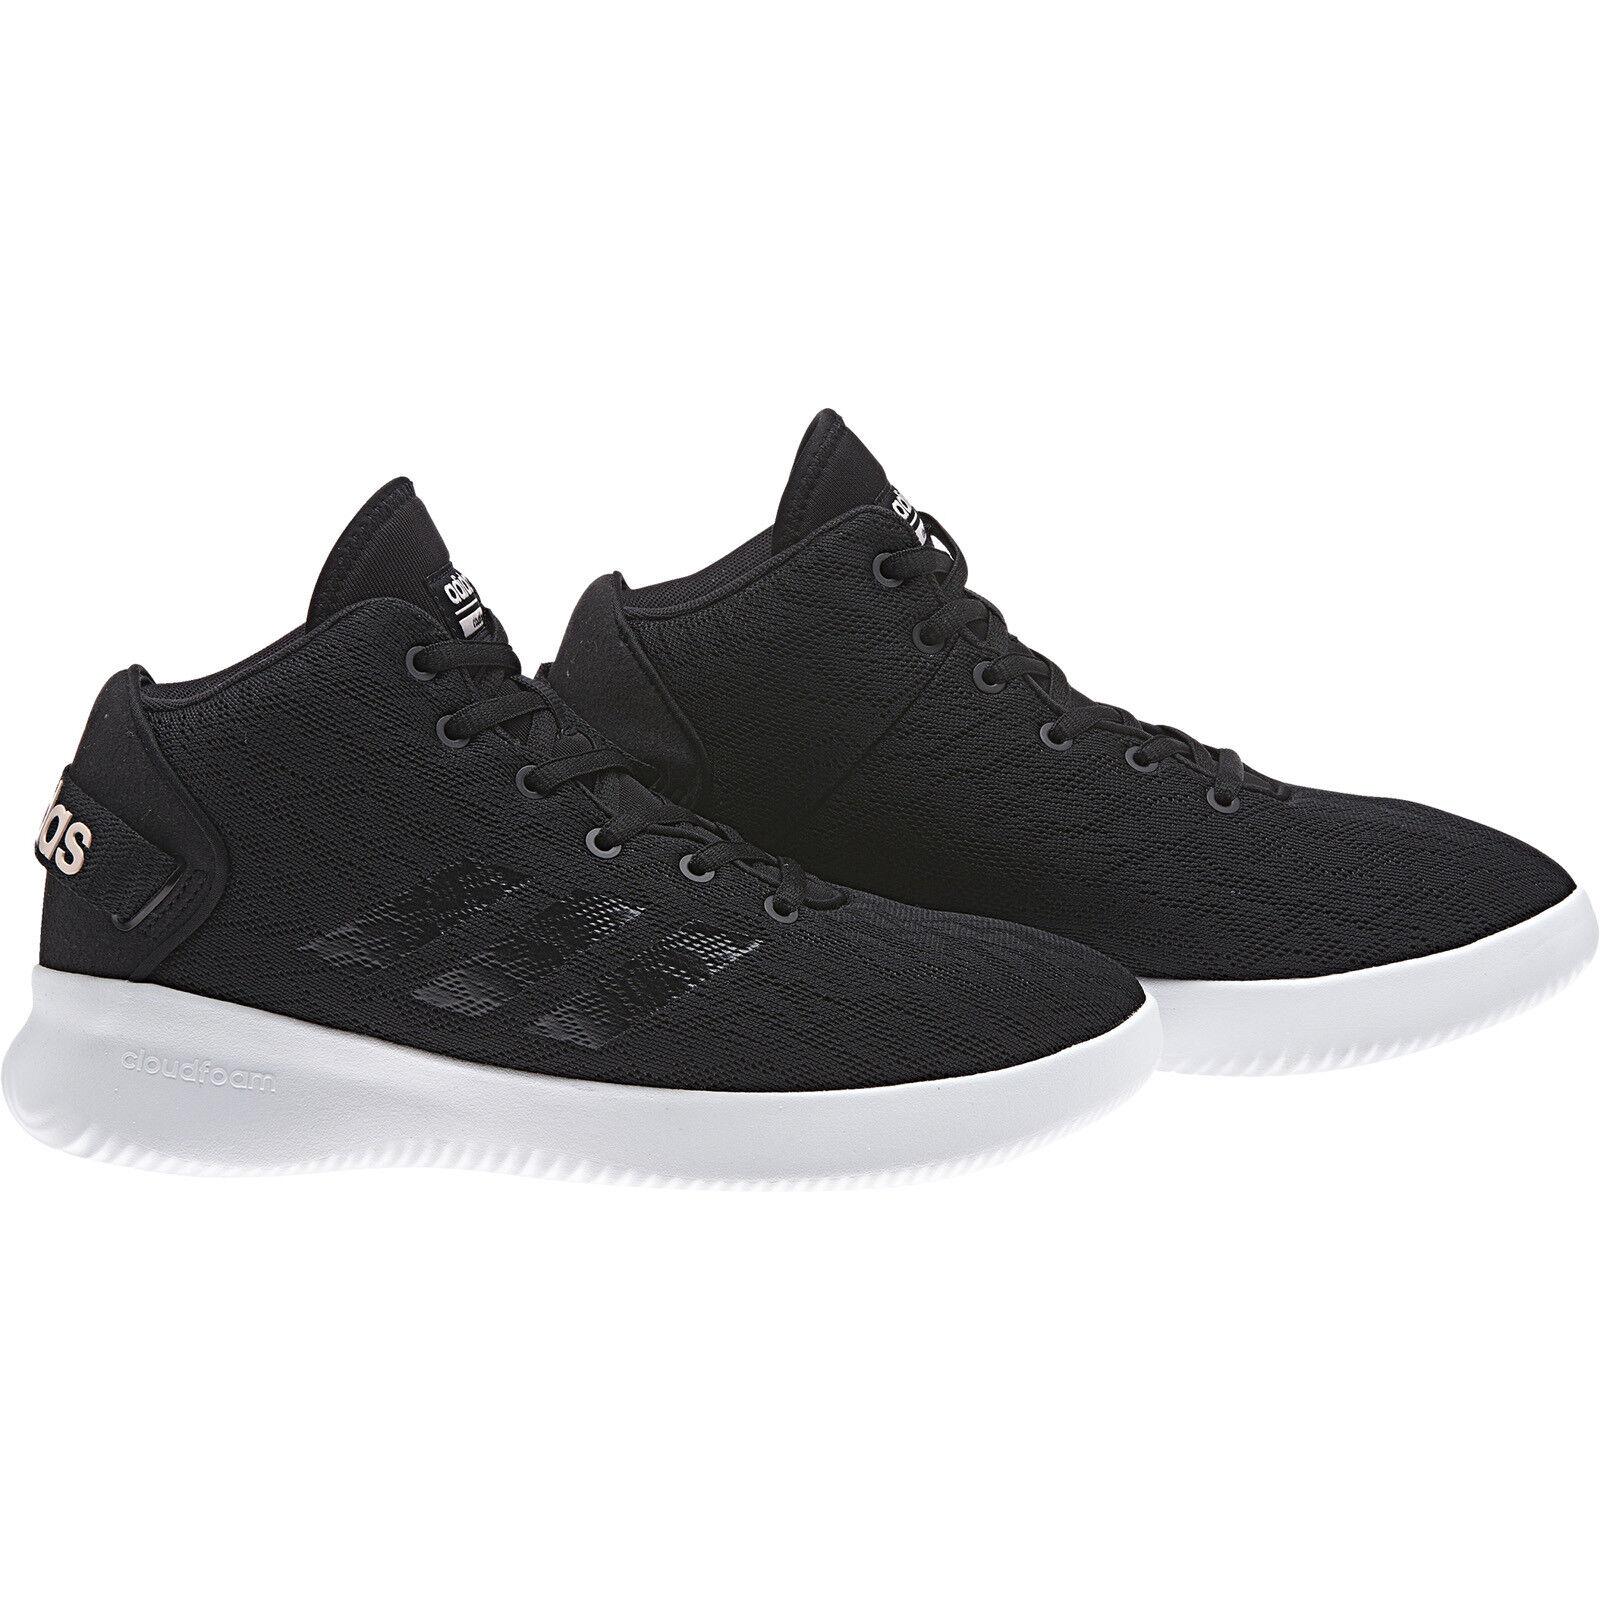 Adidas neo Damen Turnschuh CF Refresh Mid W schwarz (BC0011) Stilvolle und attraktive Tasche